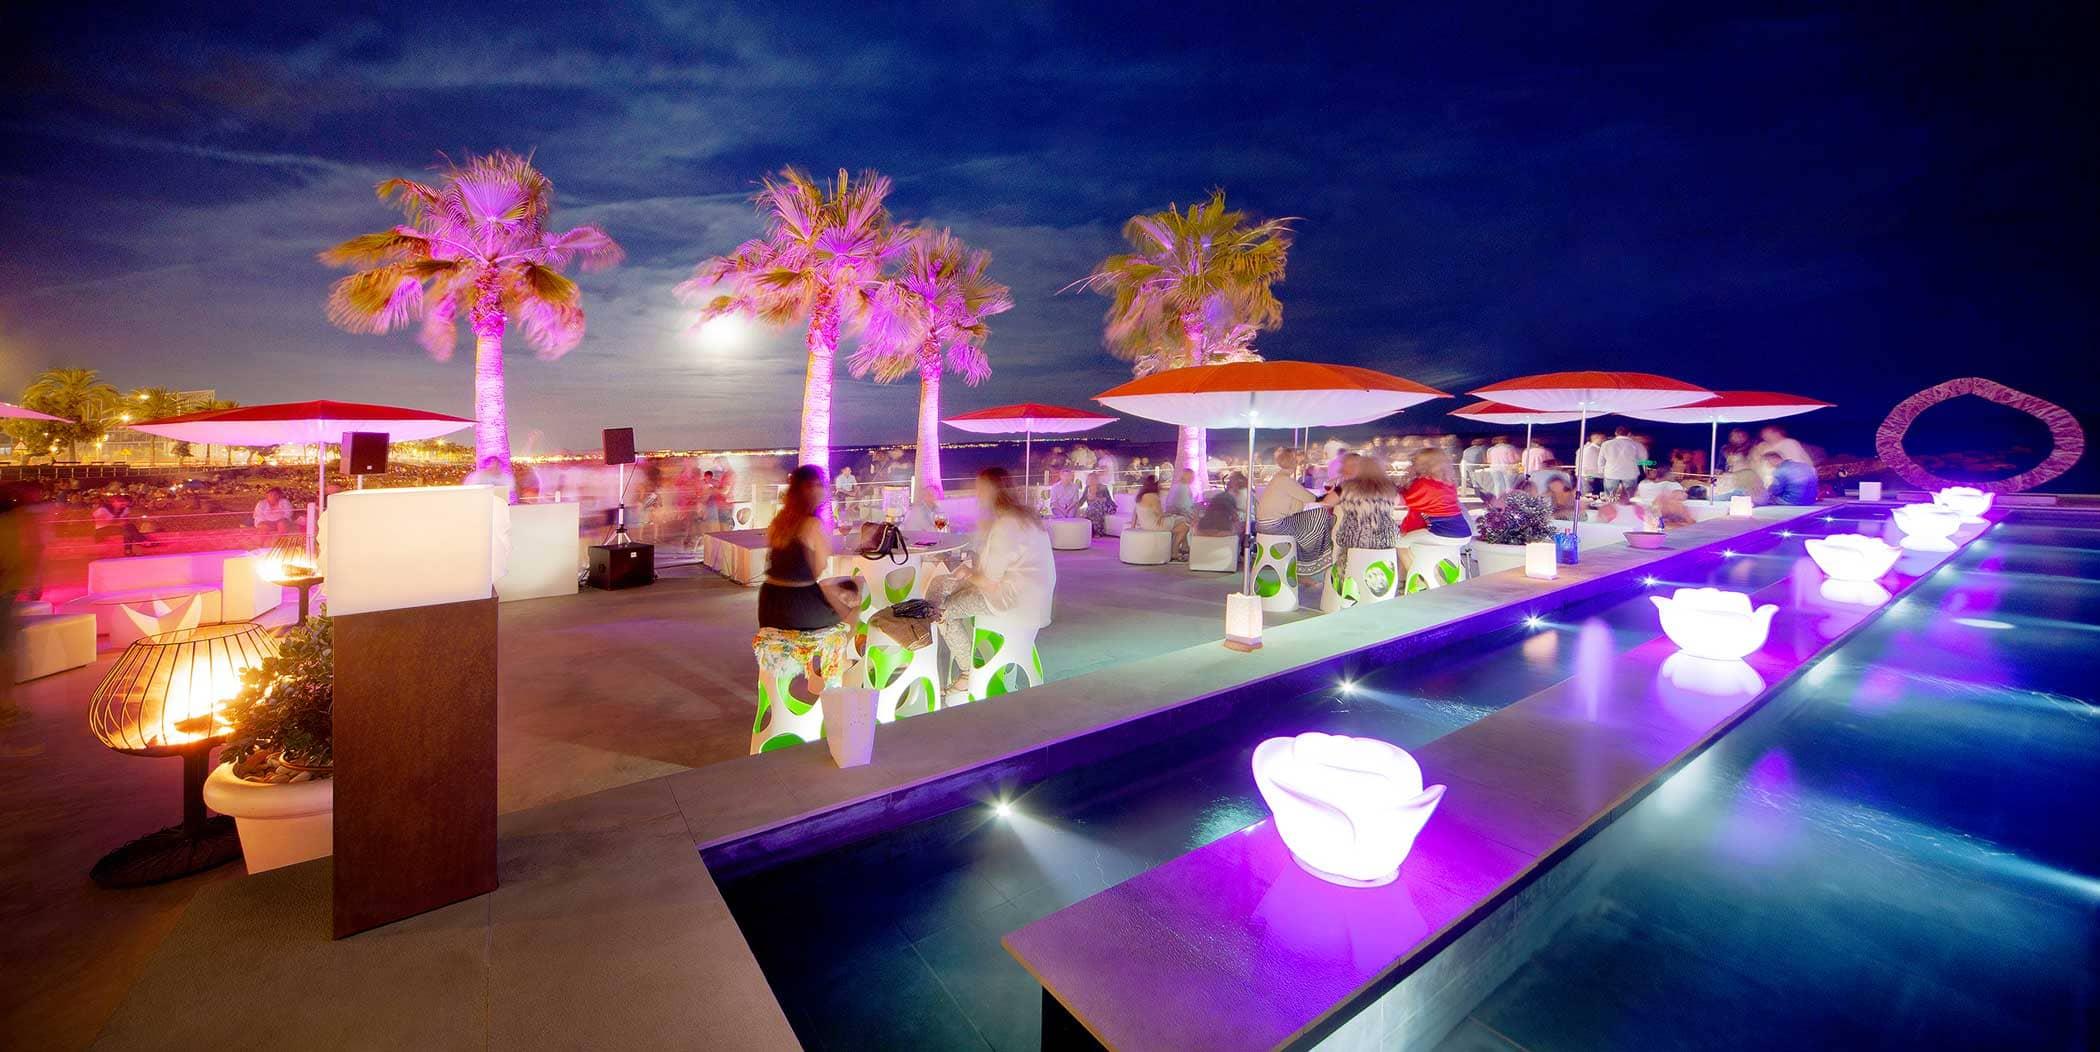 Anima Beach Club wedding destination by the sea of Palma de Mallorca